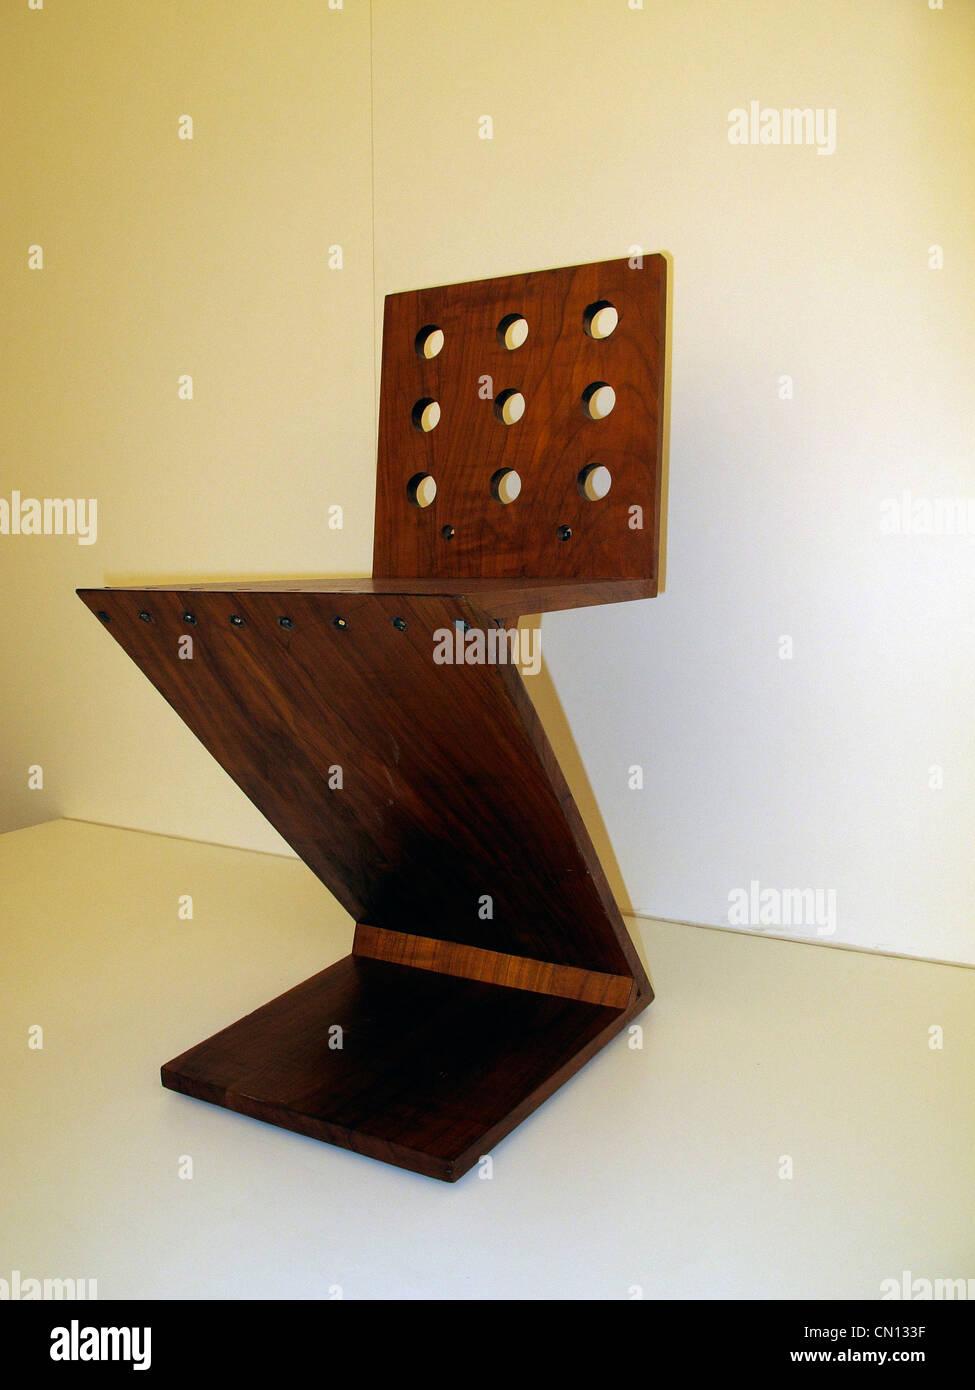 Mobili di design Pinakothek der Moderne Museo di arte moderna. British fatta sedia in legno Immagini Stock